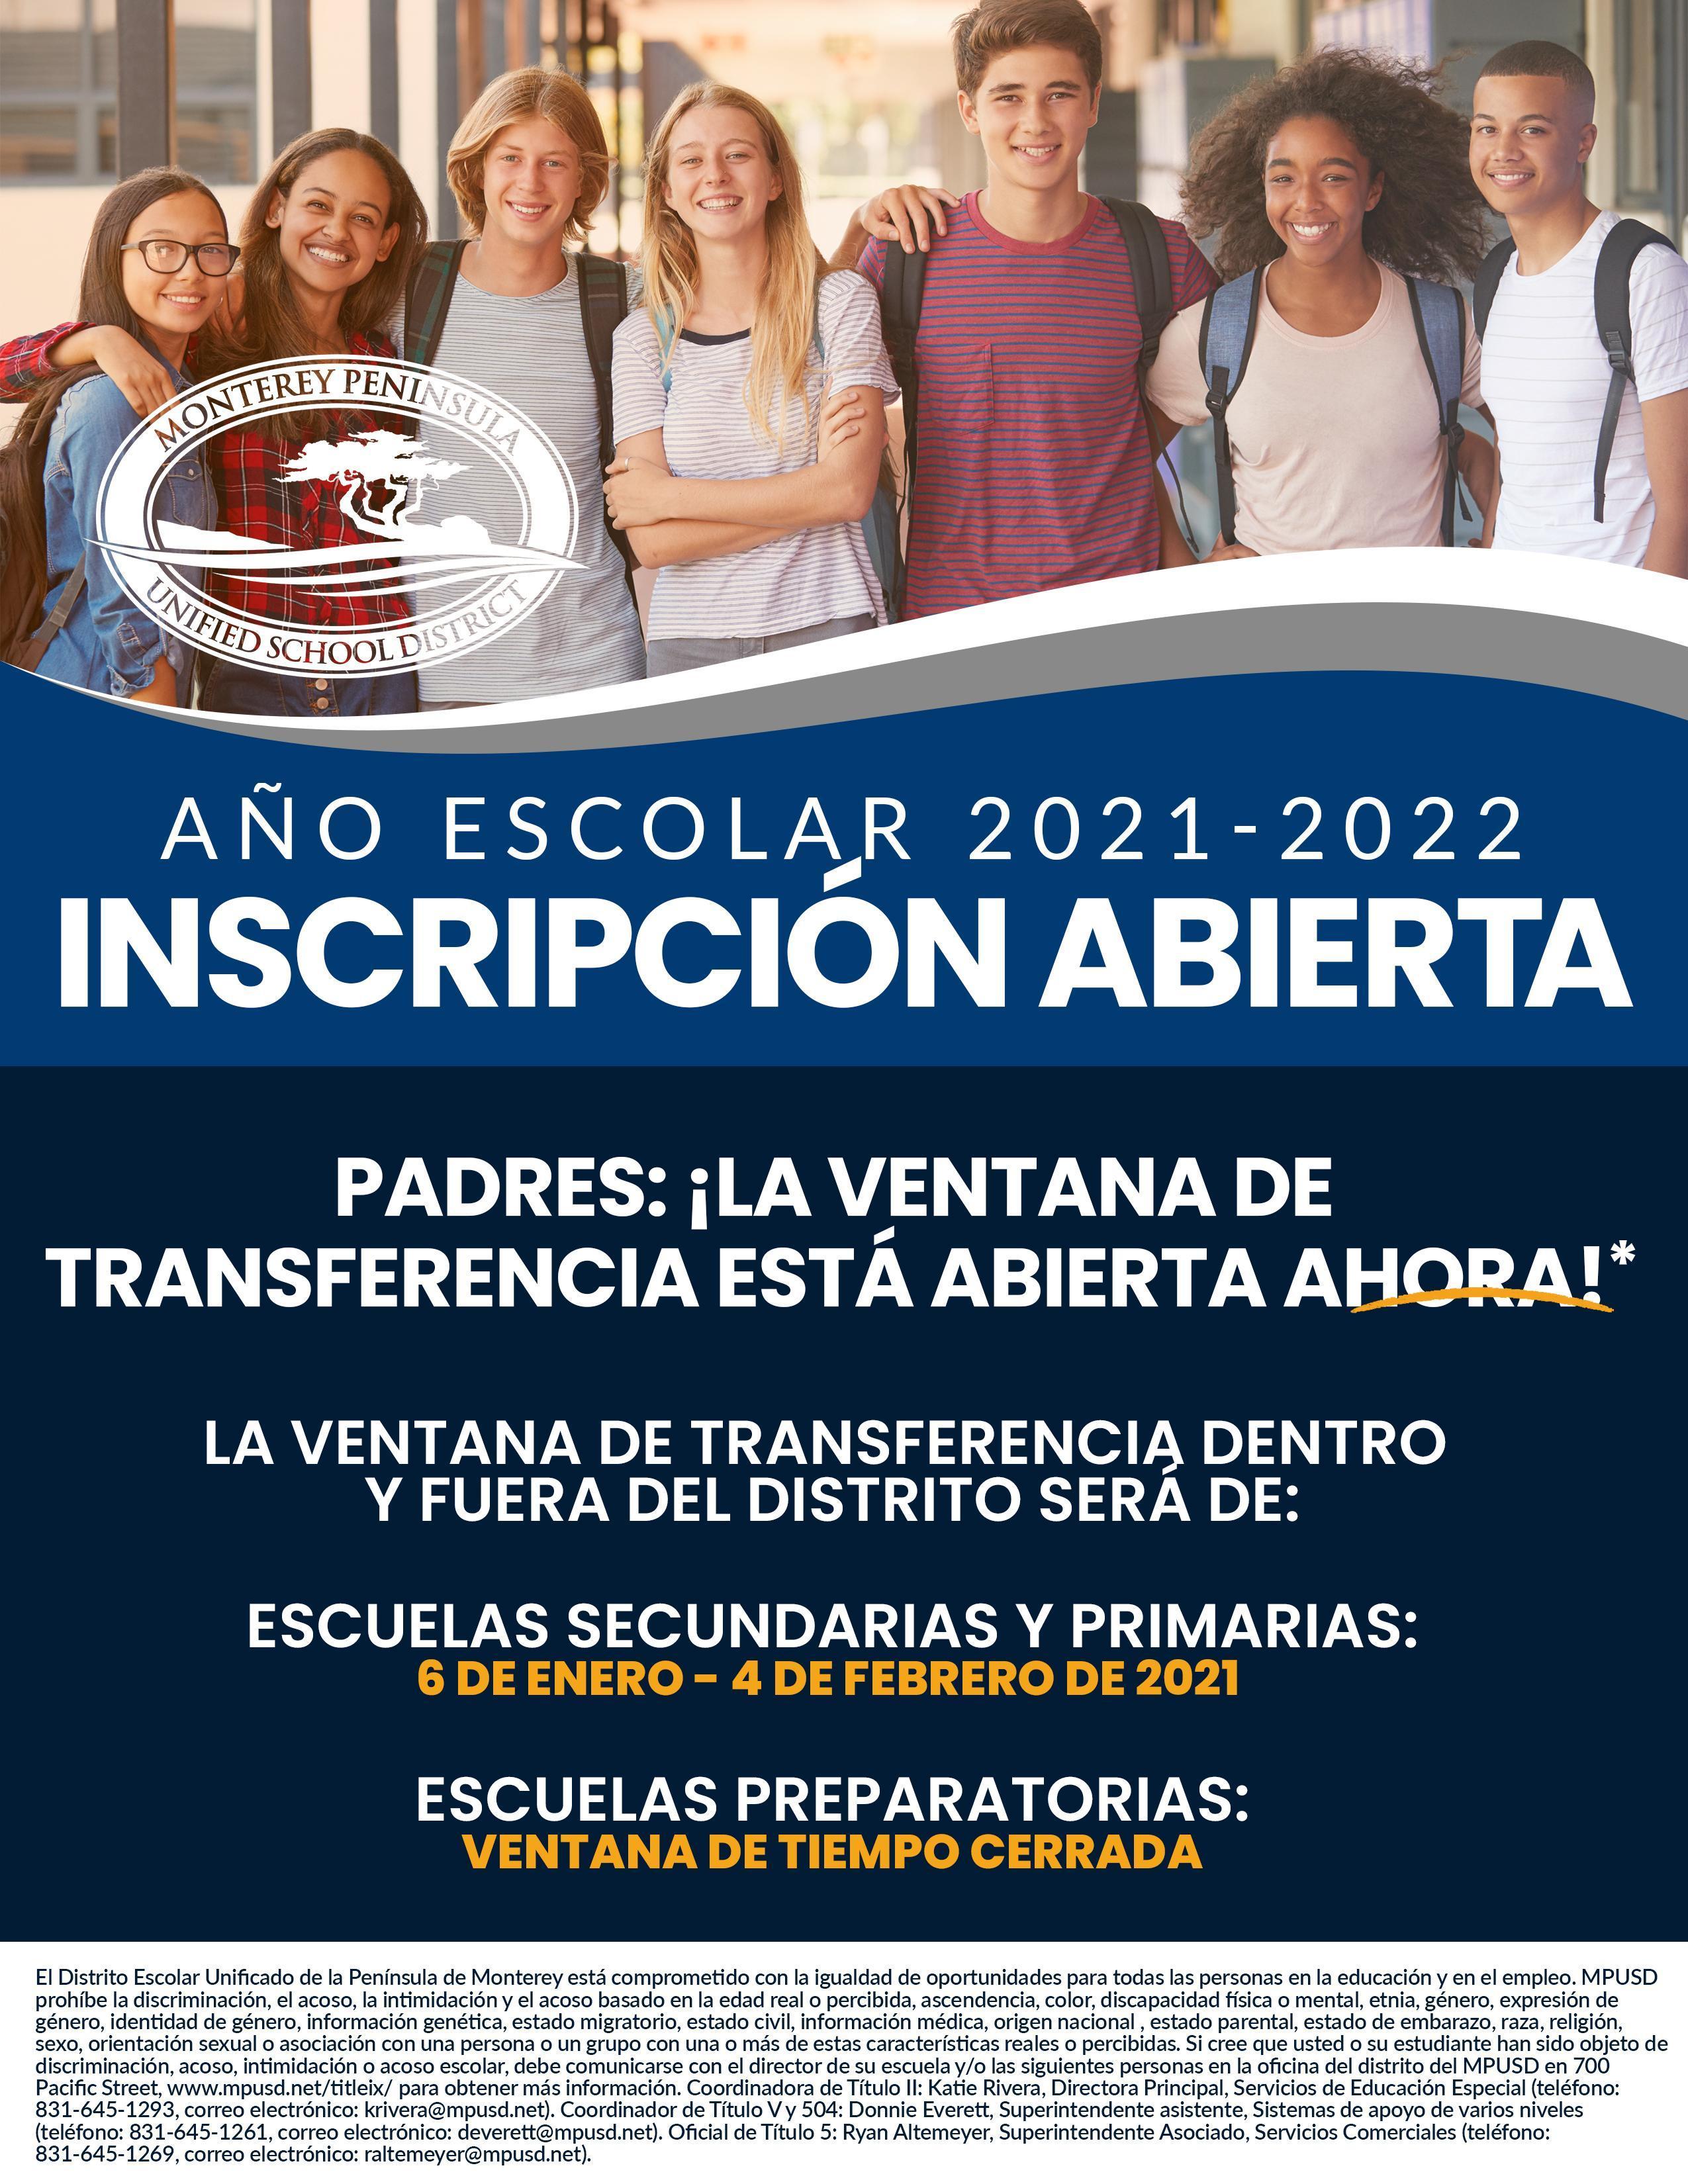 Spanish Open Enrollment Flyer